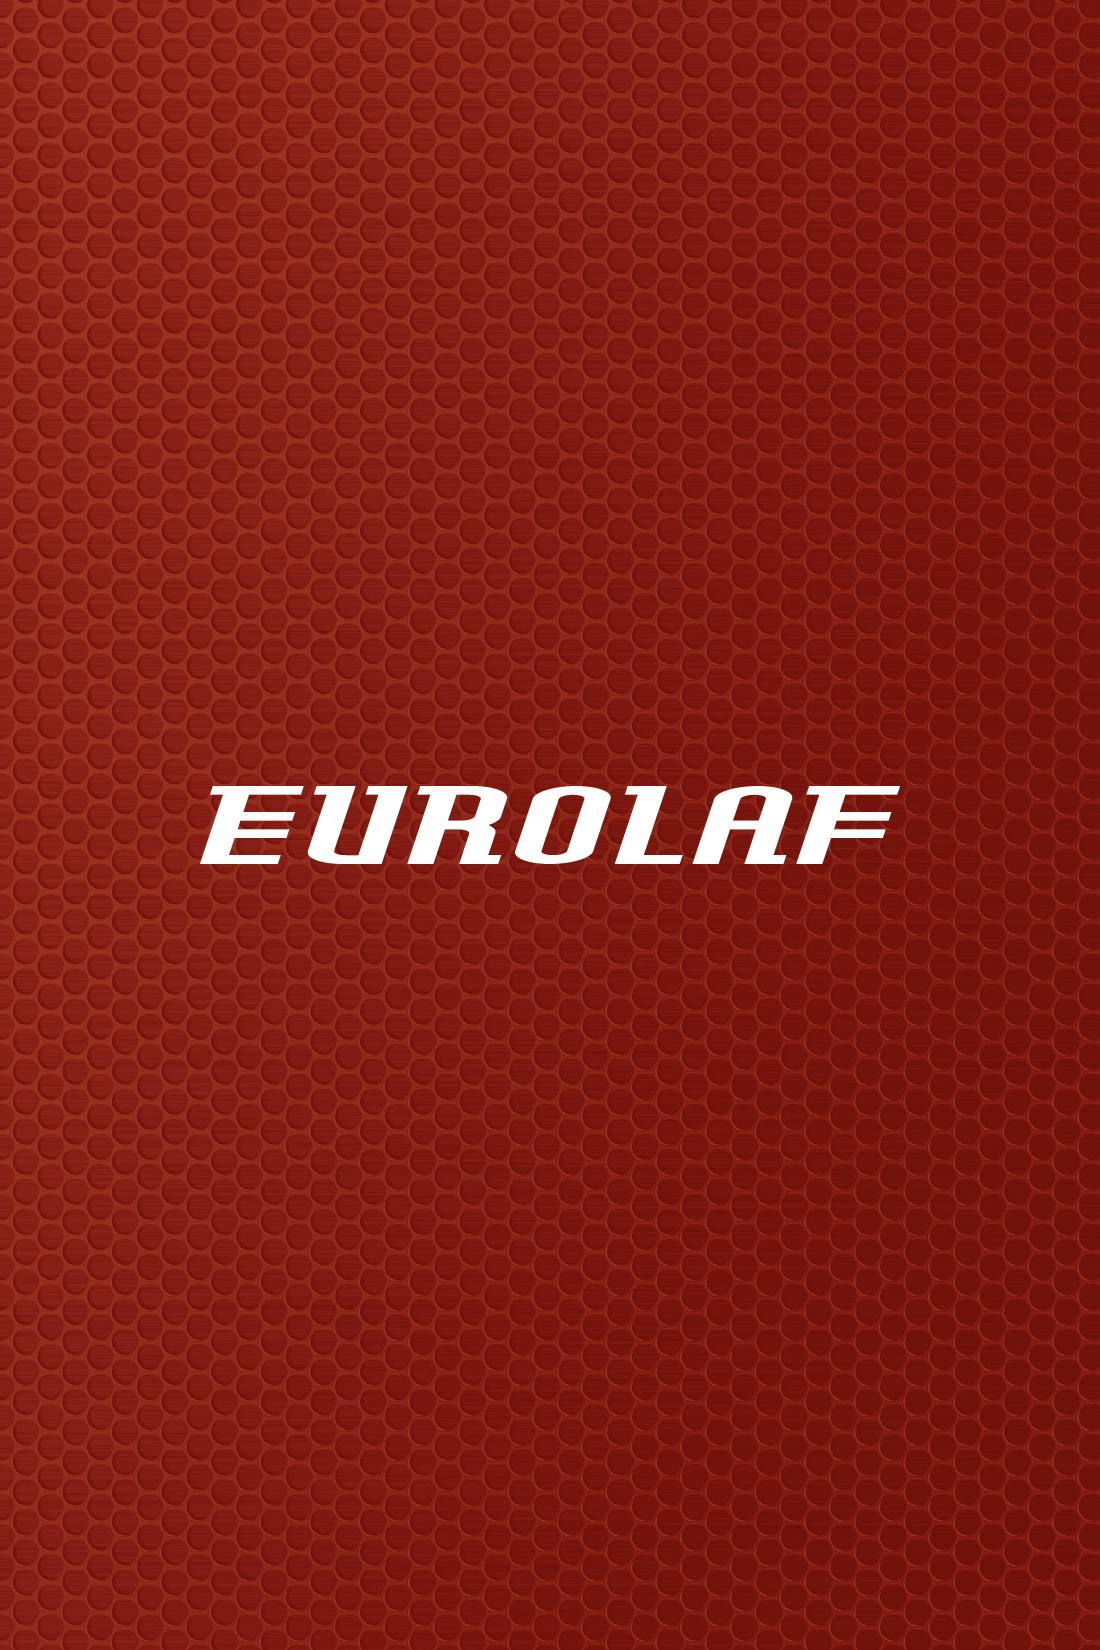 EUROLAF